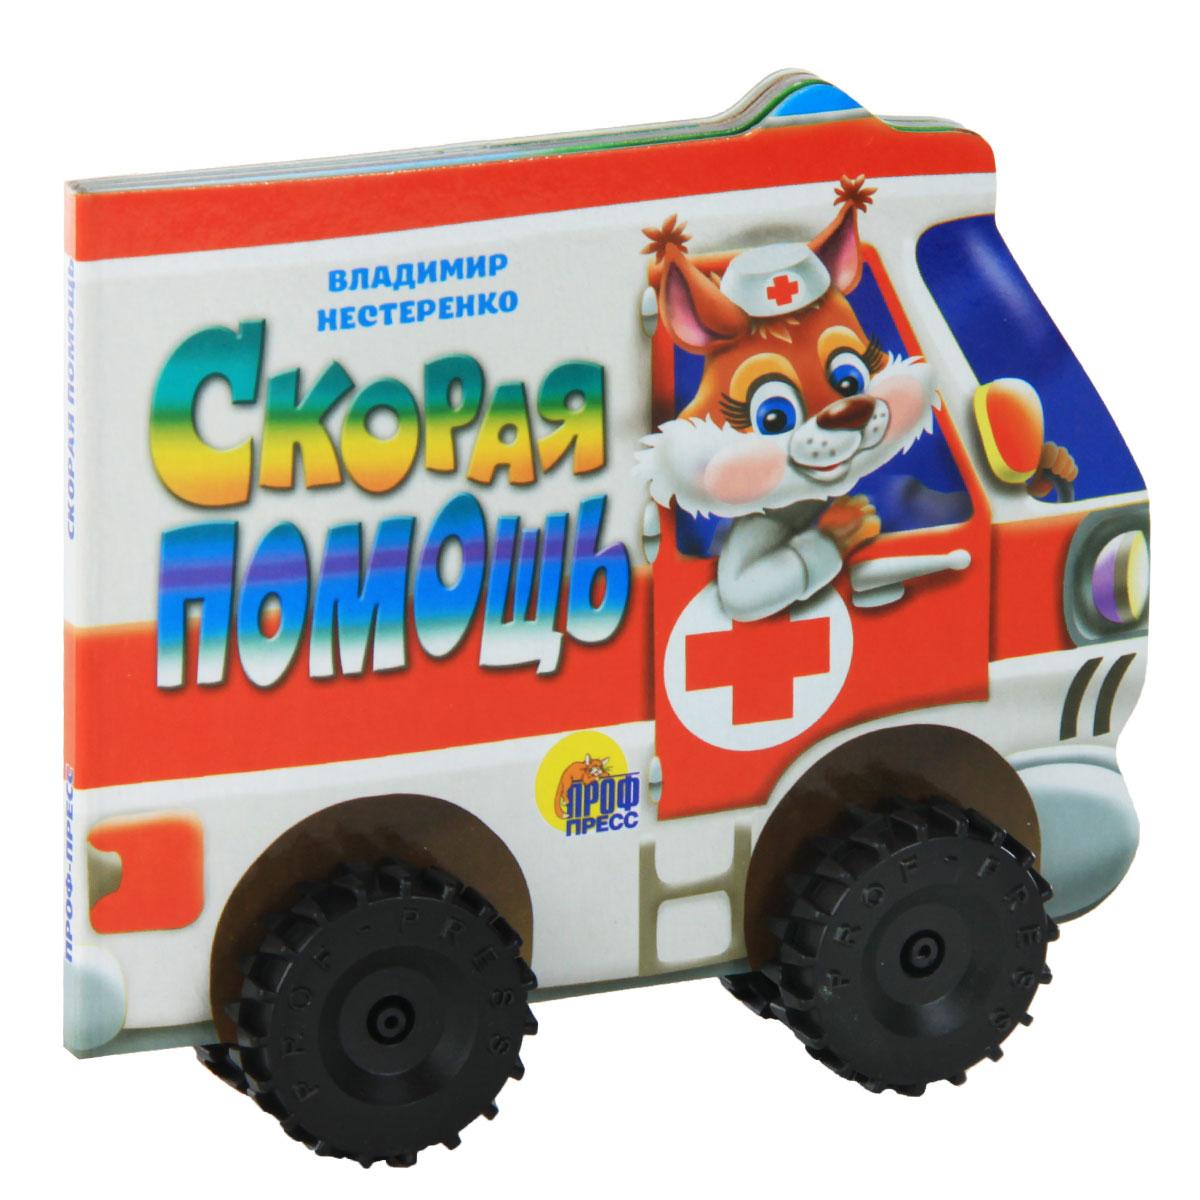 Владимир Нестеренко Скорая помощь. Книжка-игрушка барыня сударыня книжка игрушка